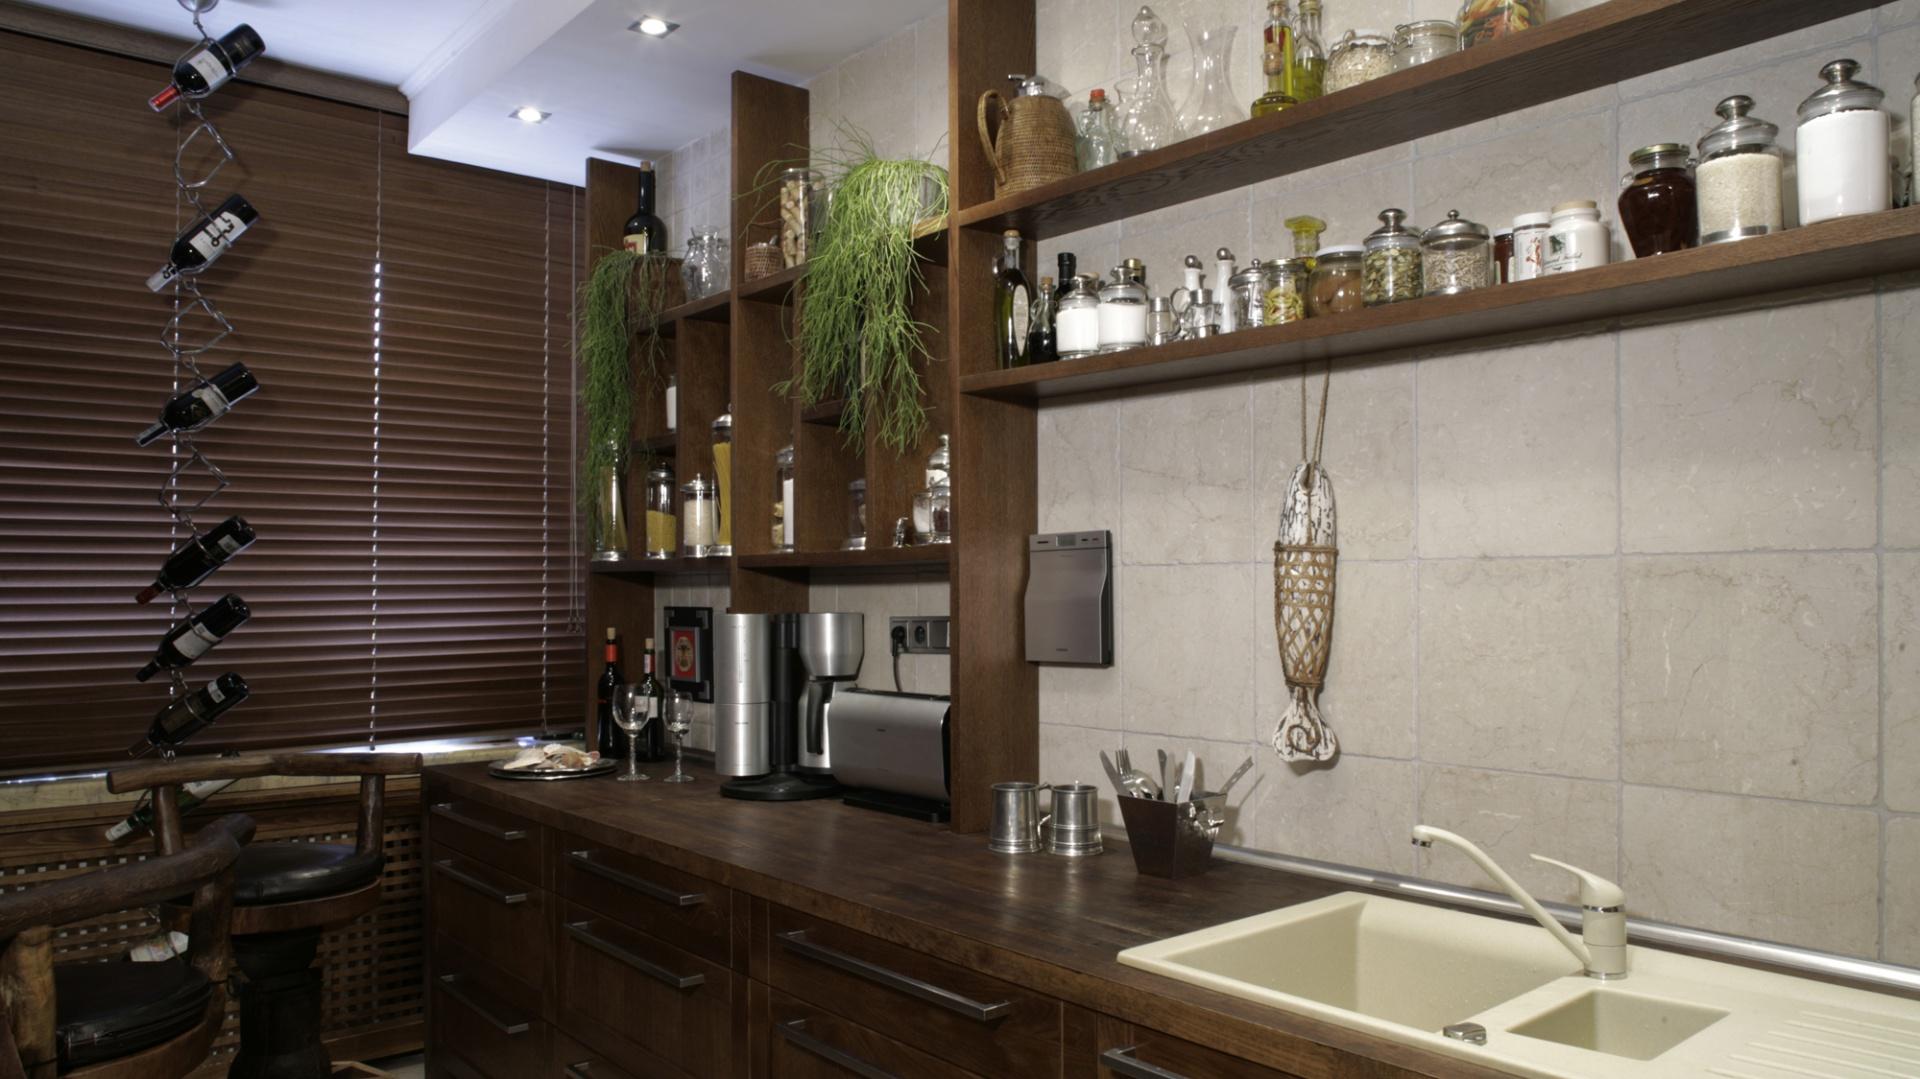 """""""Regał"""" na kuchennej ścianie został stworzony z drewnianych podziałów, których wzór zaczerpnięto z oparć jadalnianych krzeseł (kolejne nawiązanie do chińskich parawanów). Oryginalne i stylowe chińskie hokery, będące połączeniem naturalnego drewna i skóry. Fot. Monika Filipiuk."""